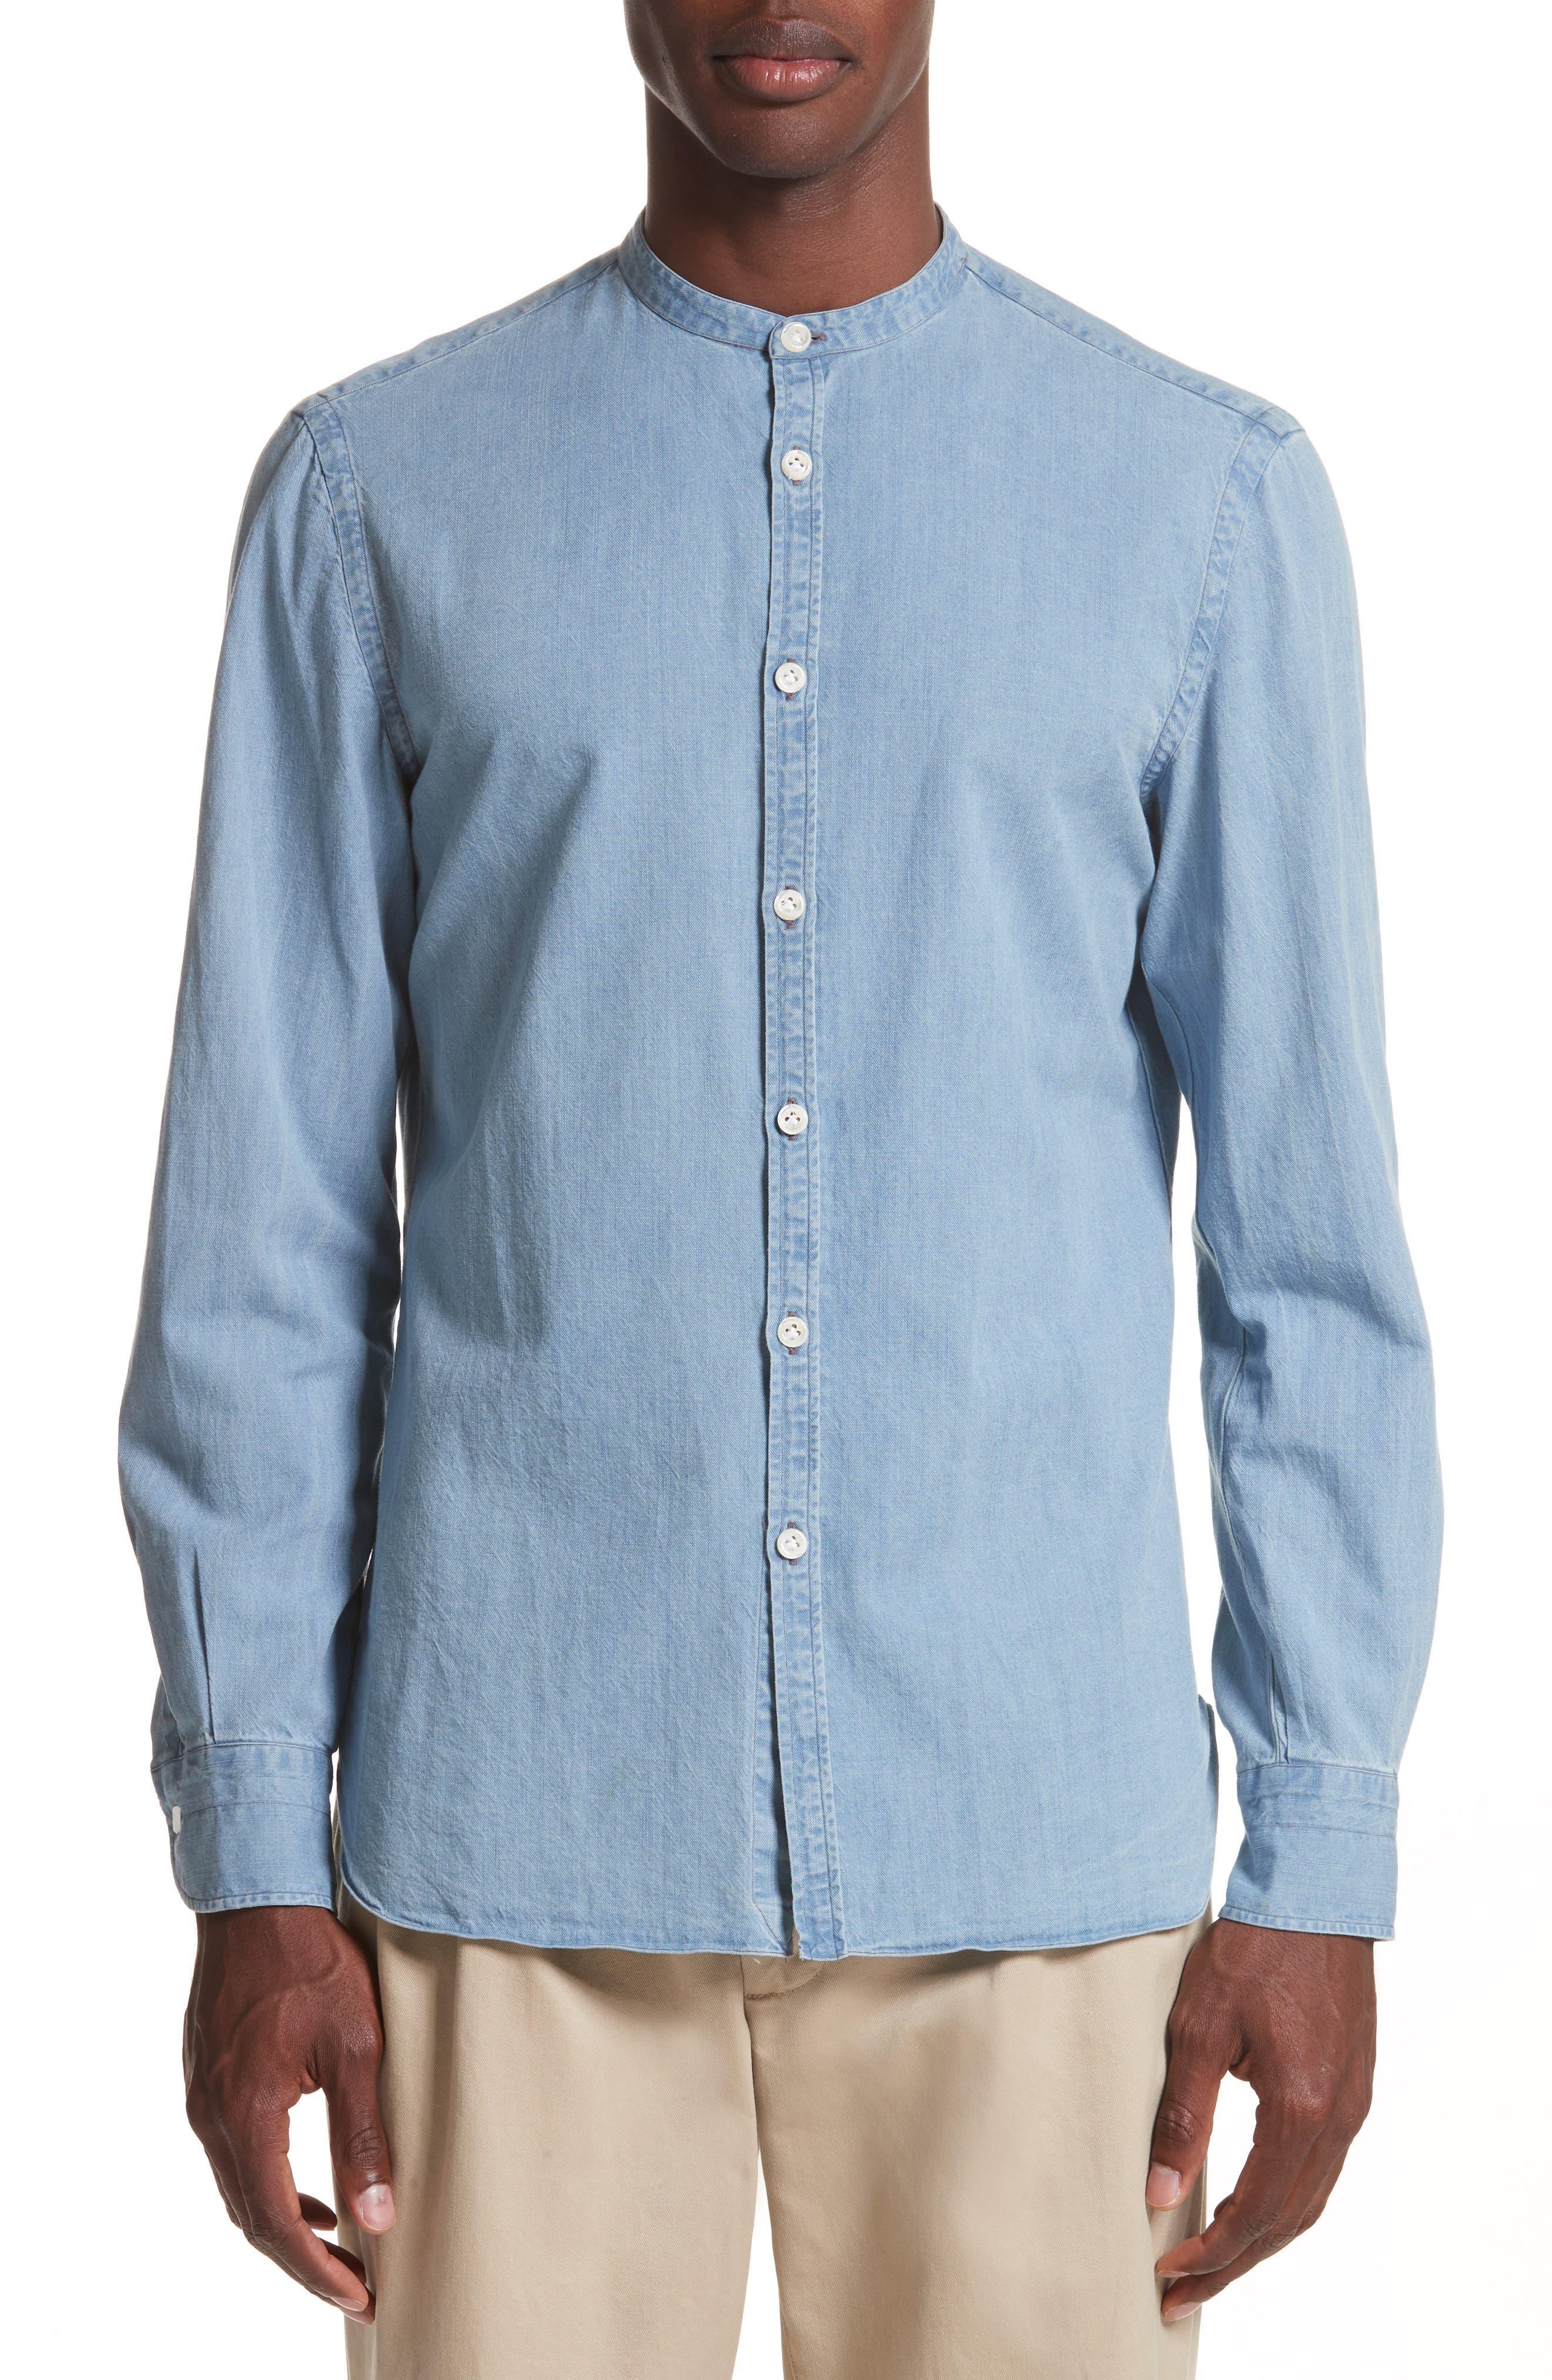 Napoli Washed Denim Band Collar Shirt,                             Main thumbnail 1, color,                             451